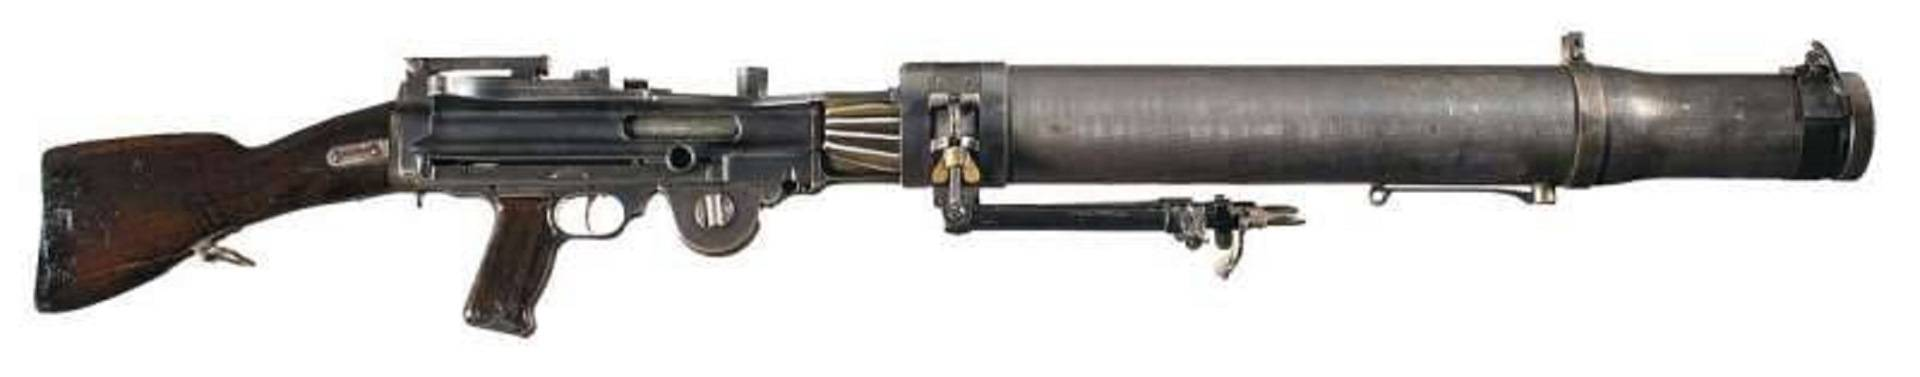 """Ручной пулемёт льюиса – """"гремучая змея"""" первой мировой."""